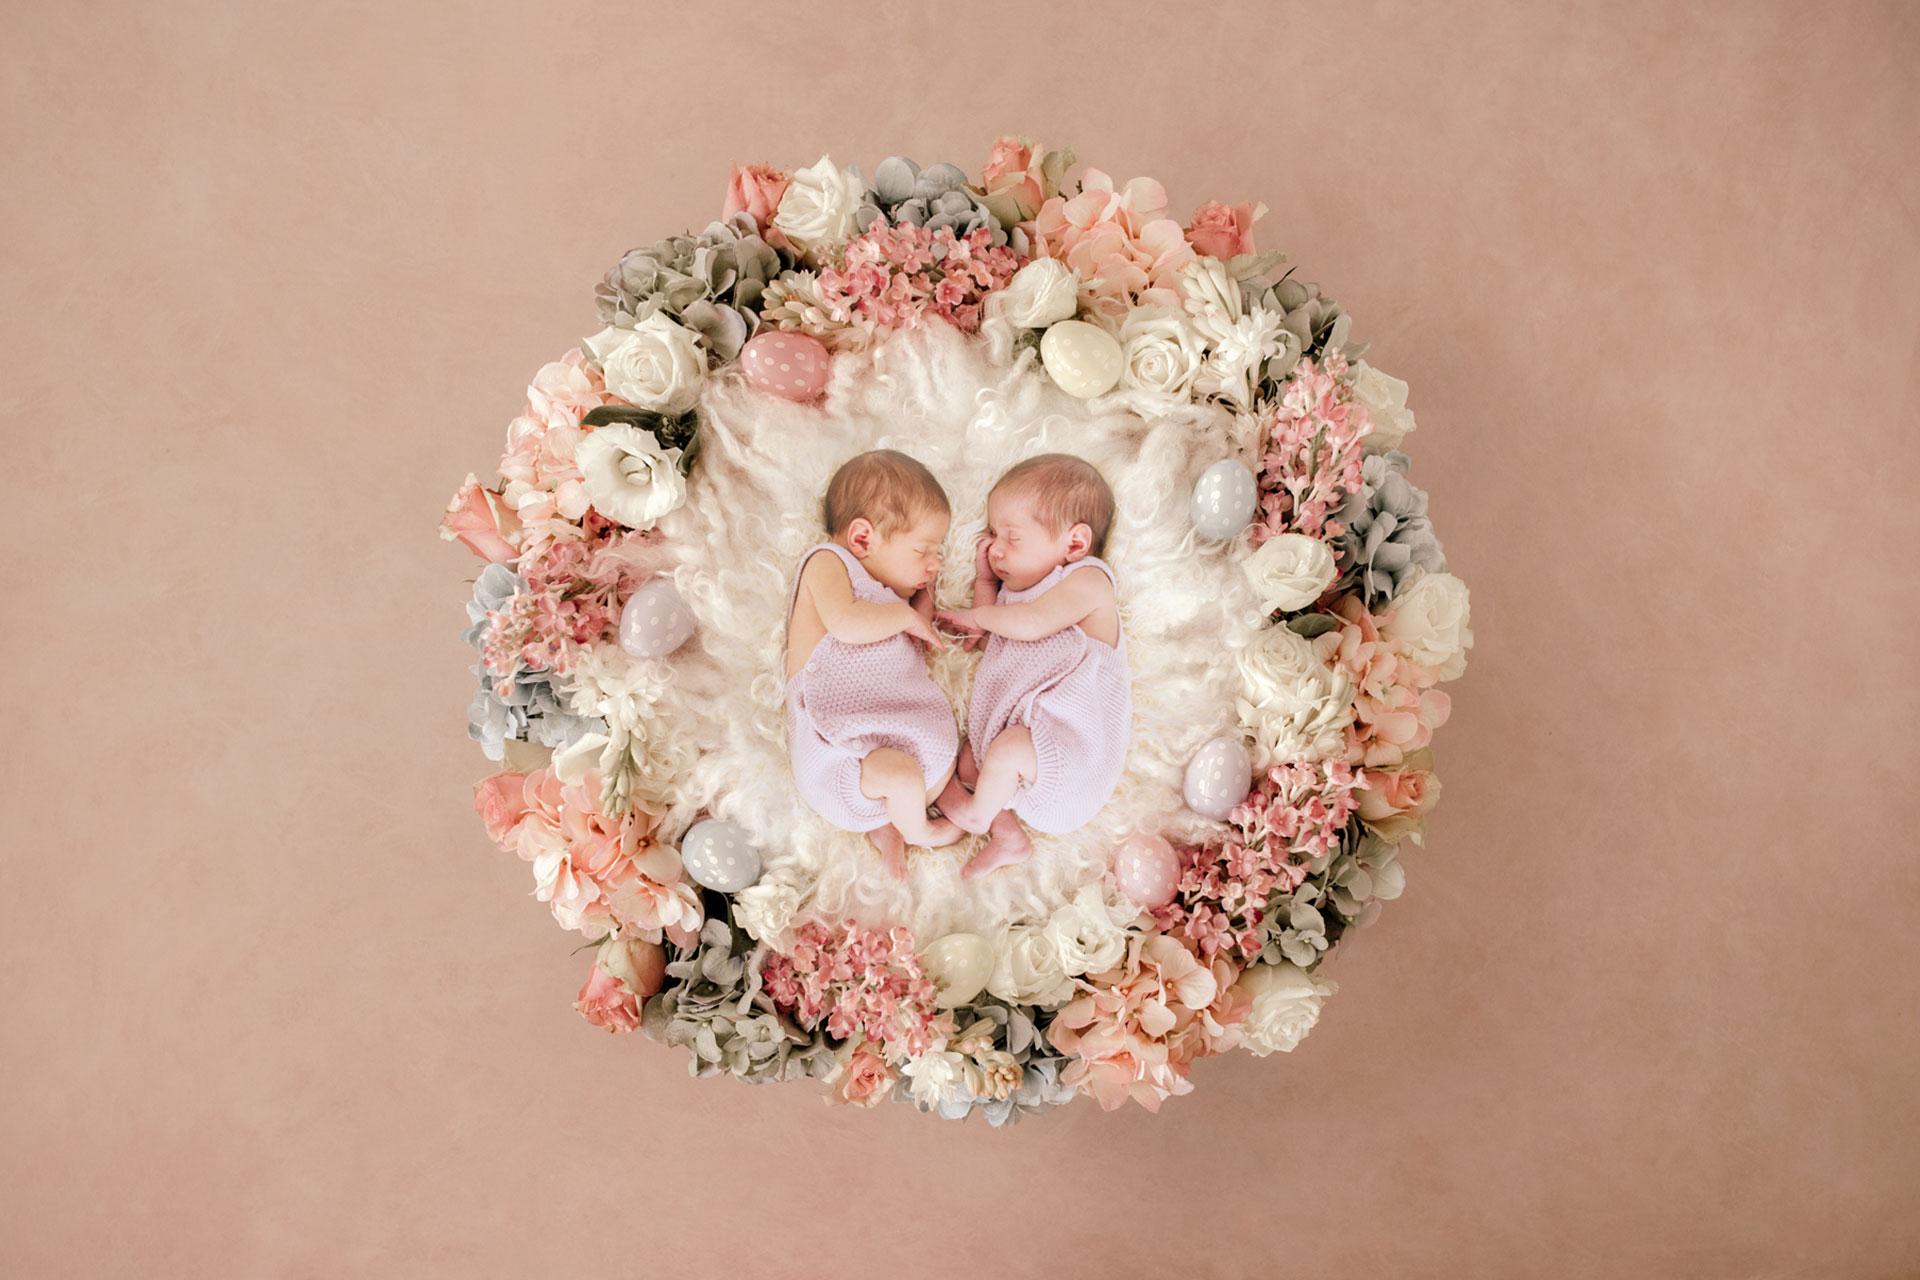 Fotografía pareja de Recién Nacido